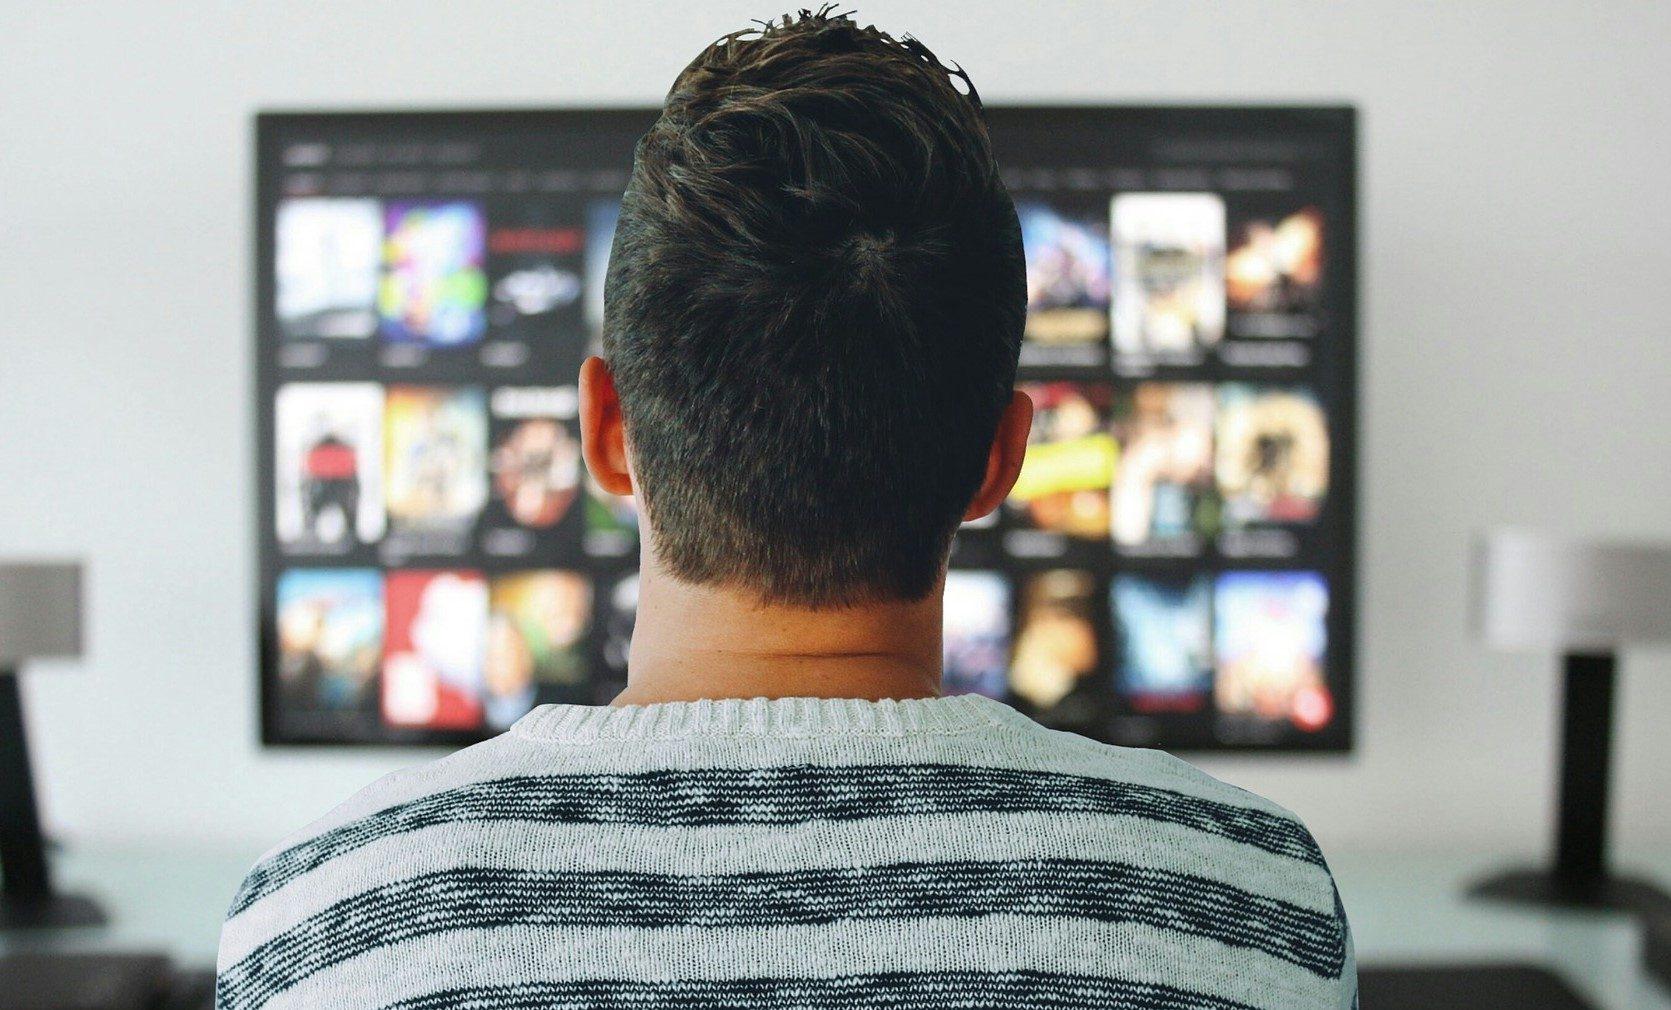 テレビ を ネット に つなぐ